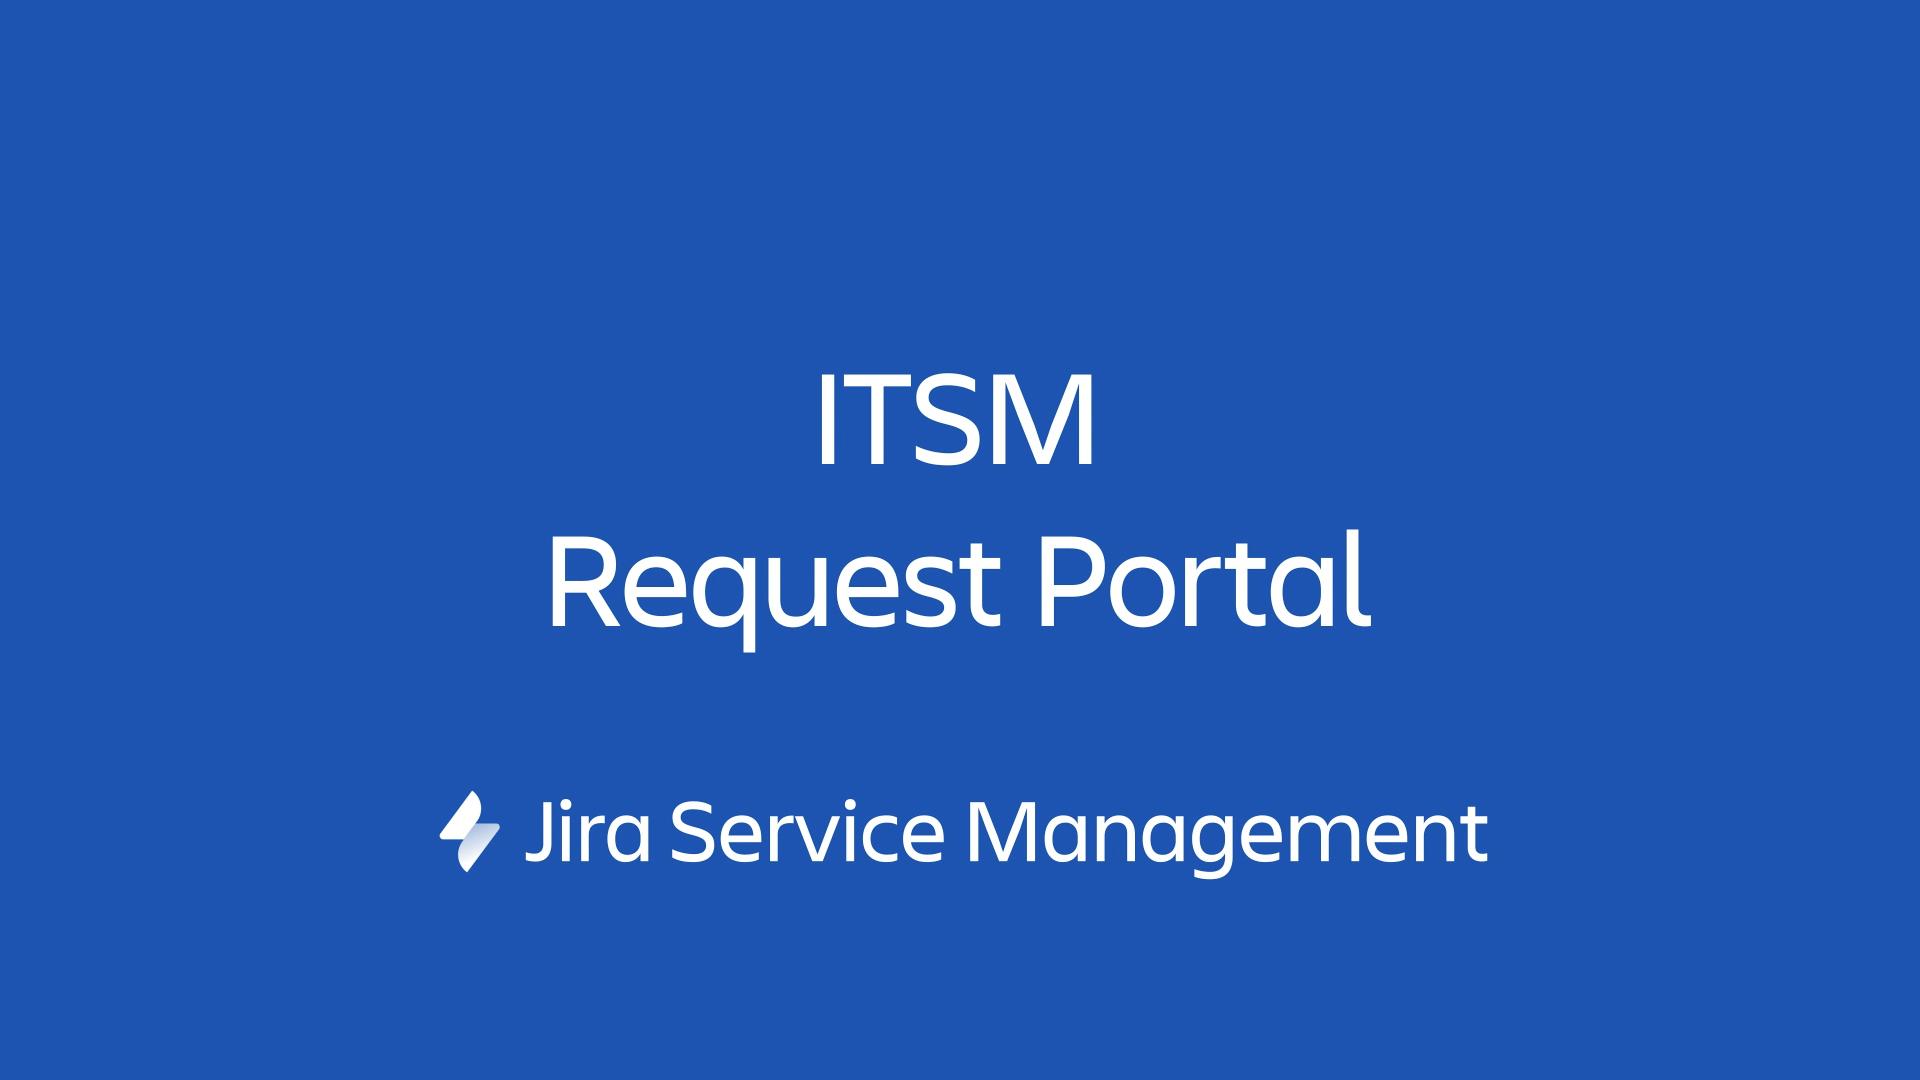 ITSM Request Portal in Jira Service Management